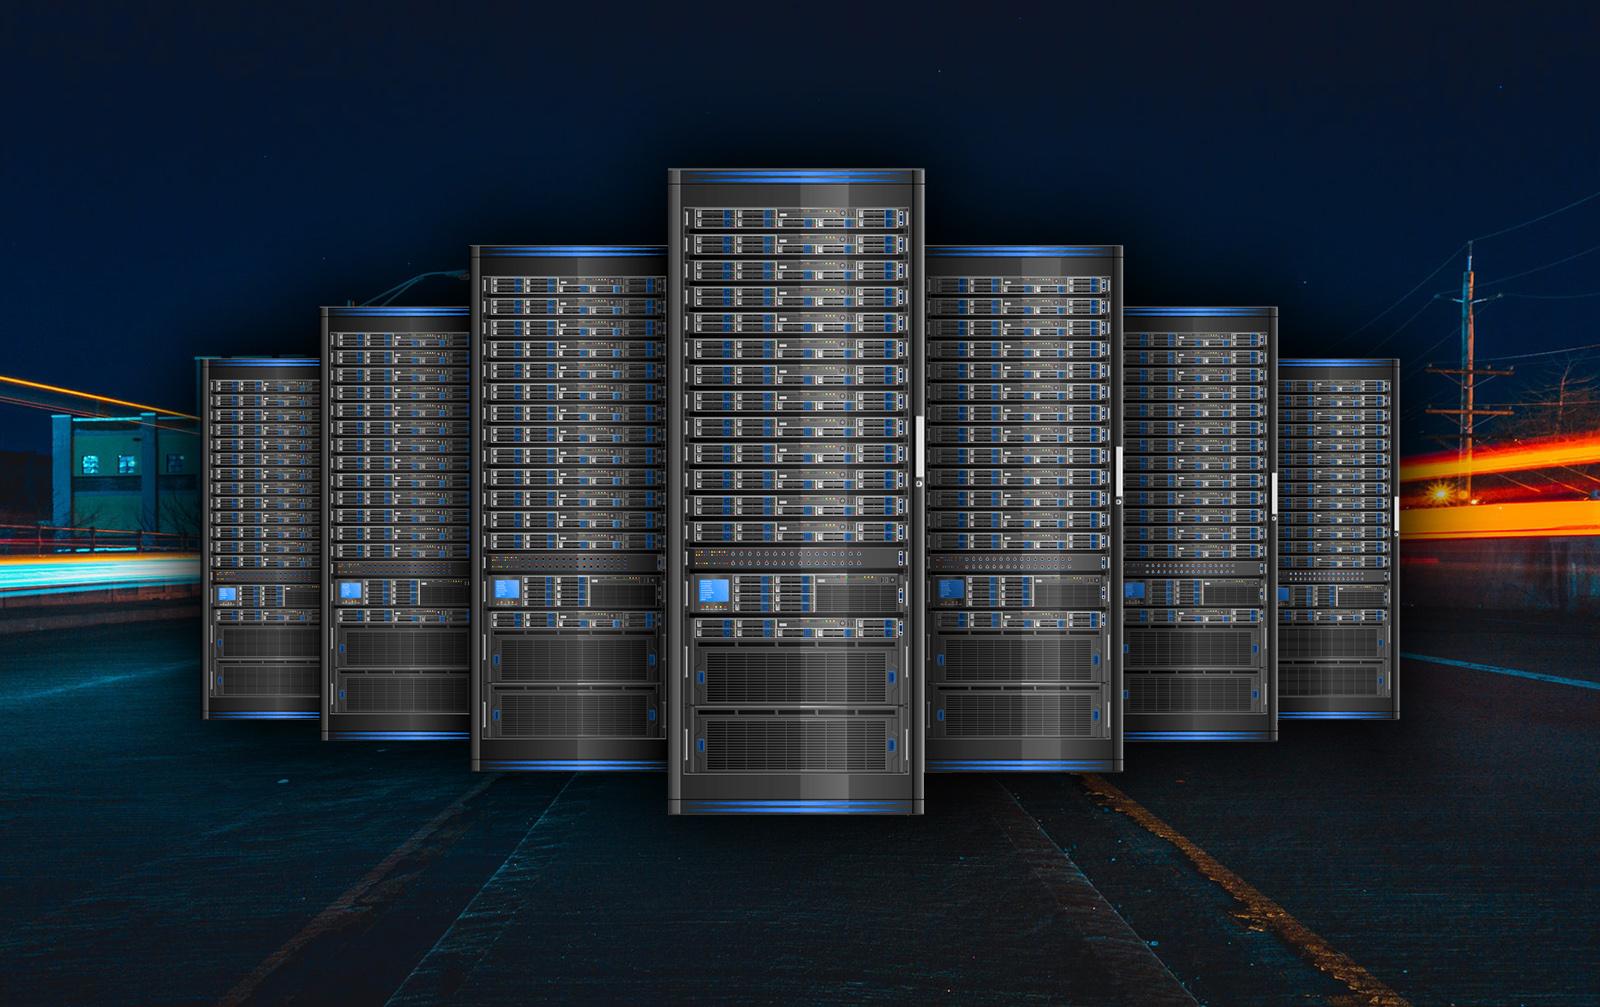 Worldwide server market reaching $20.9 billion during 1Q21